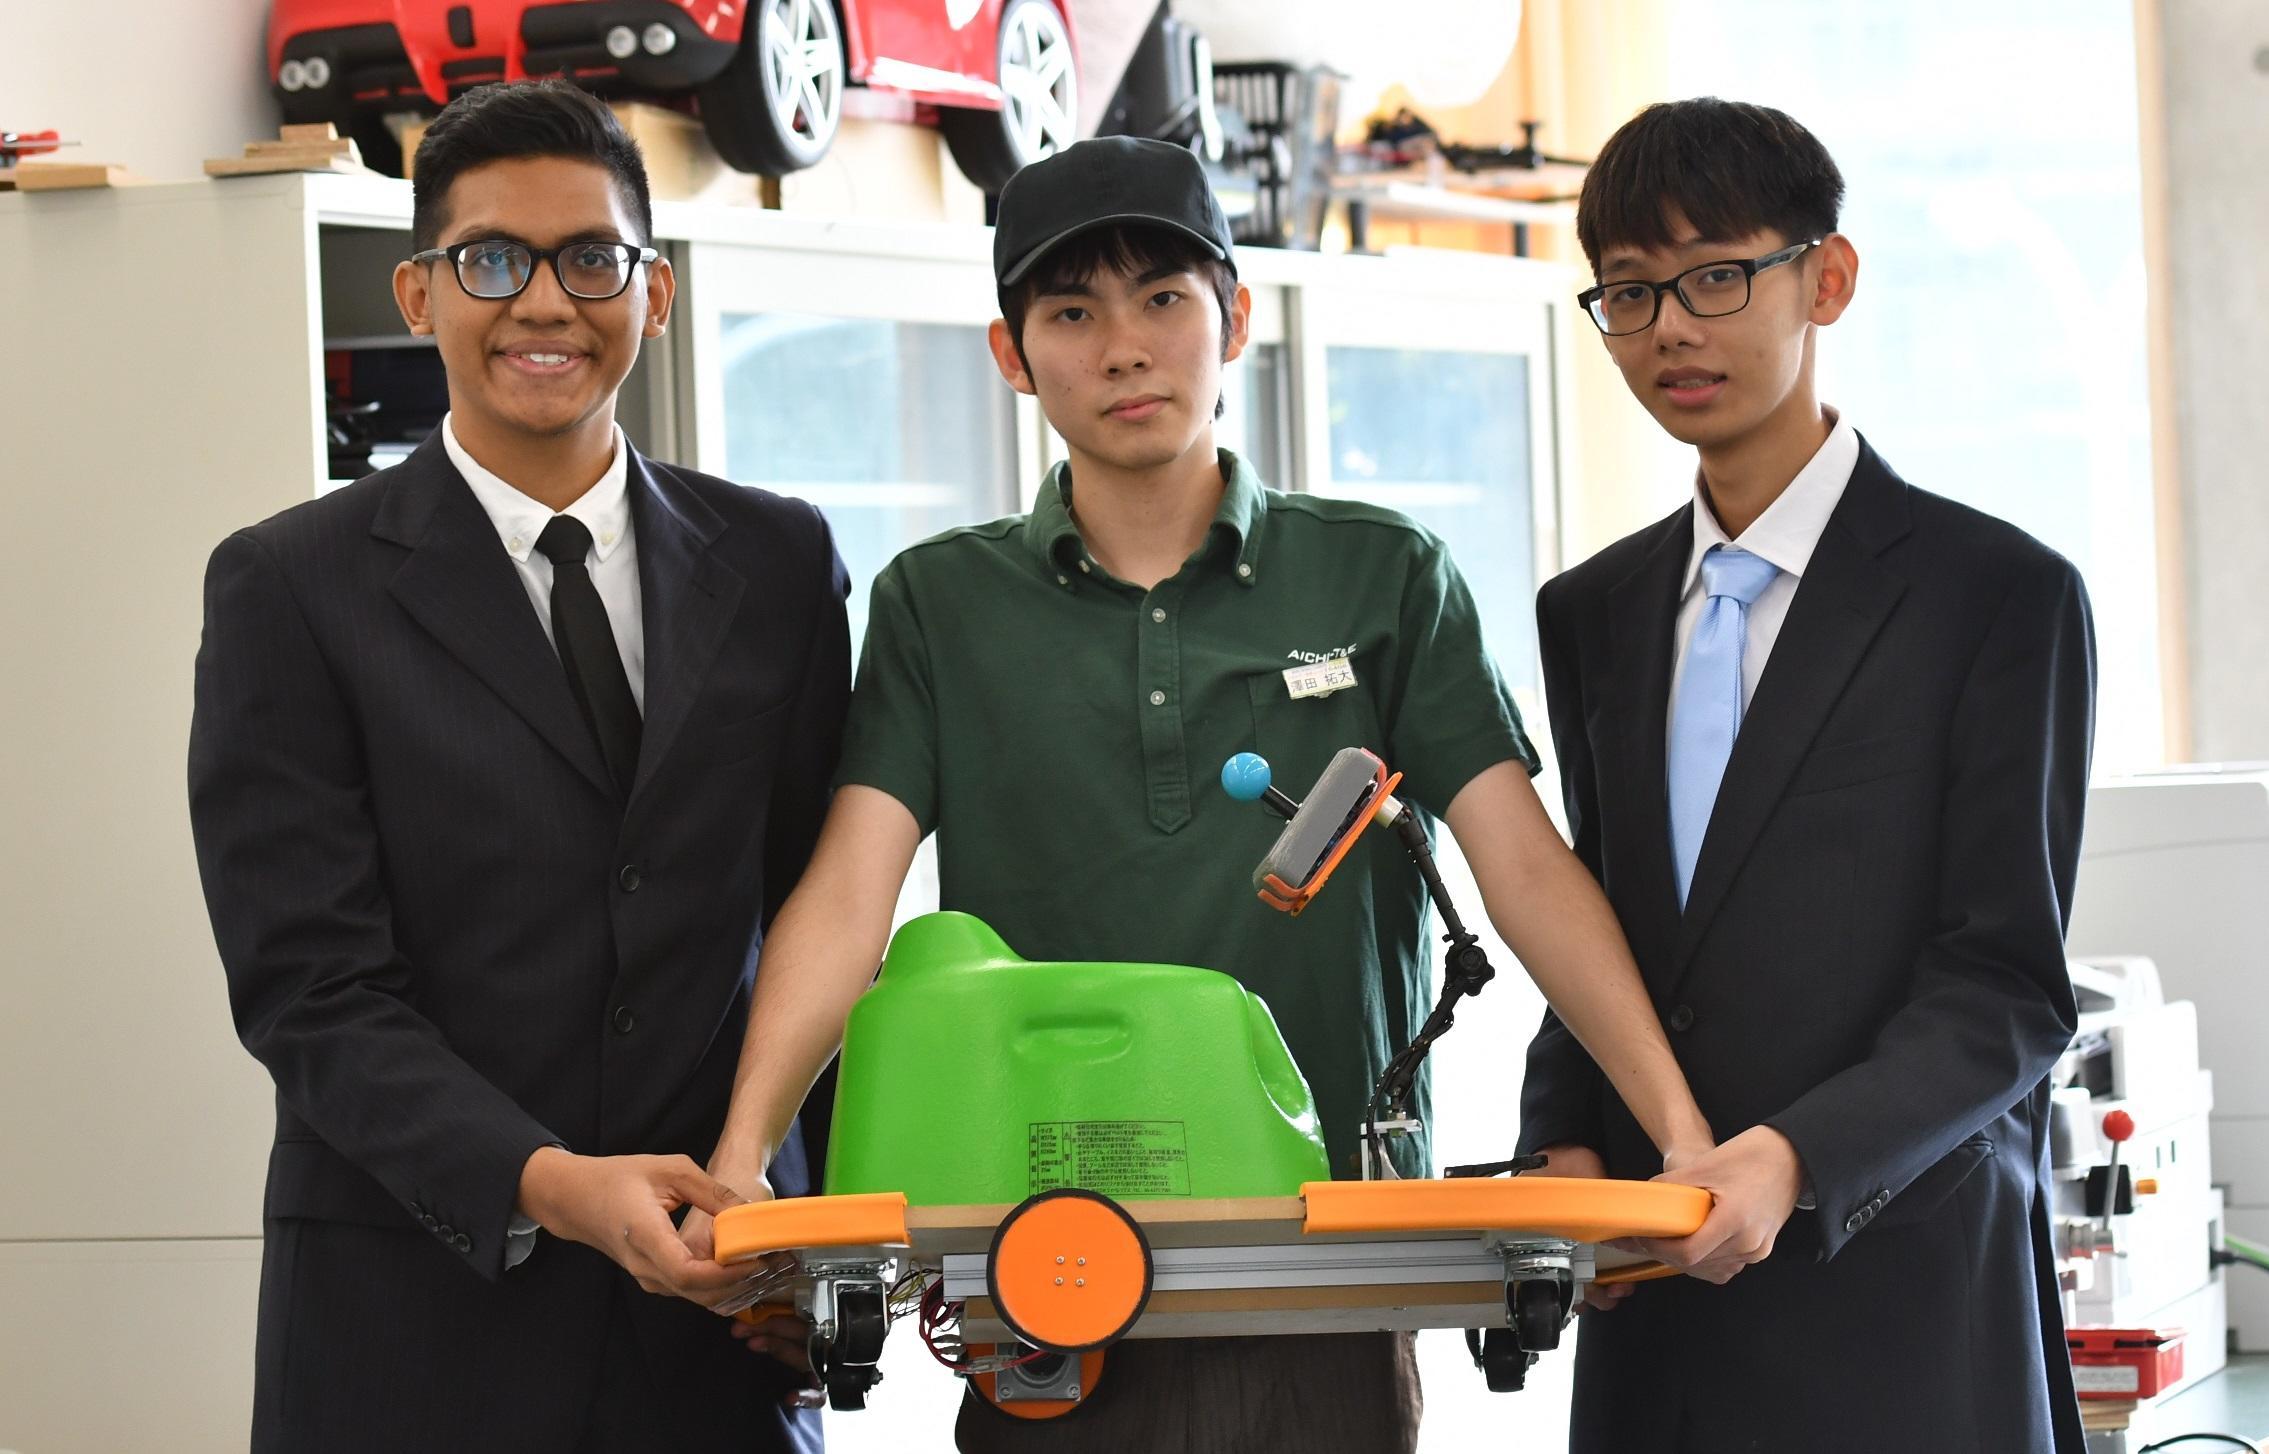 専攻科の生徒(中)とナンヤンポリテクニックの生徒